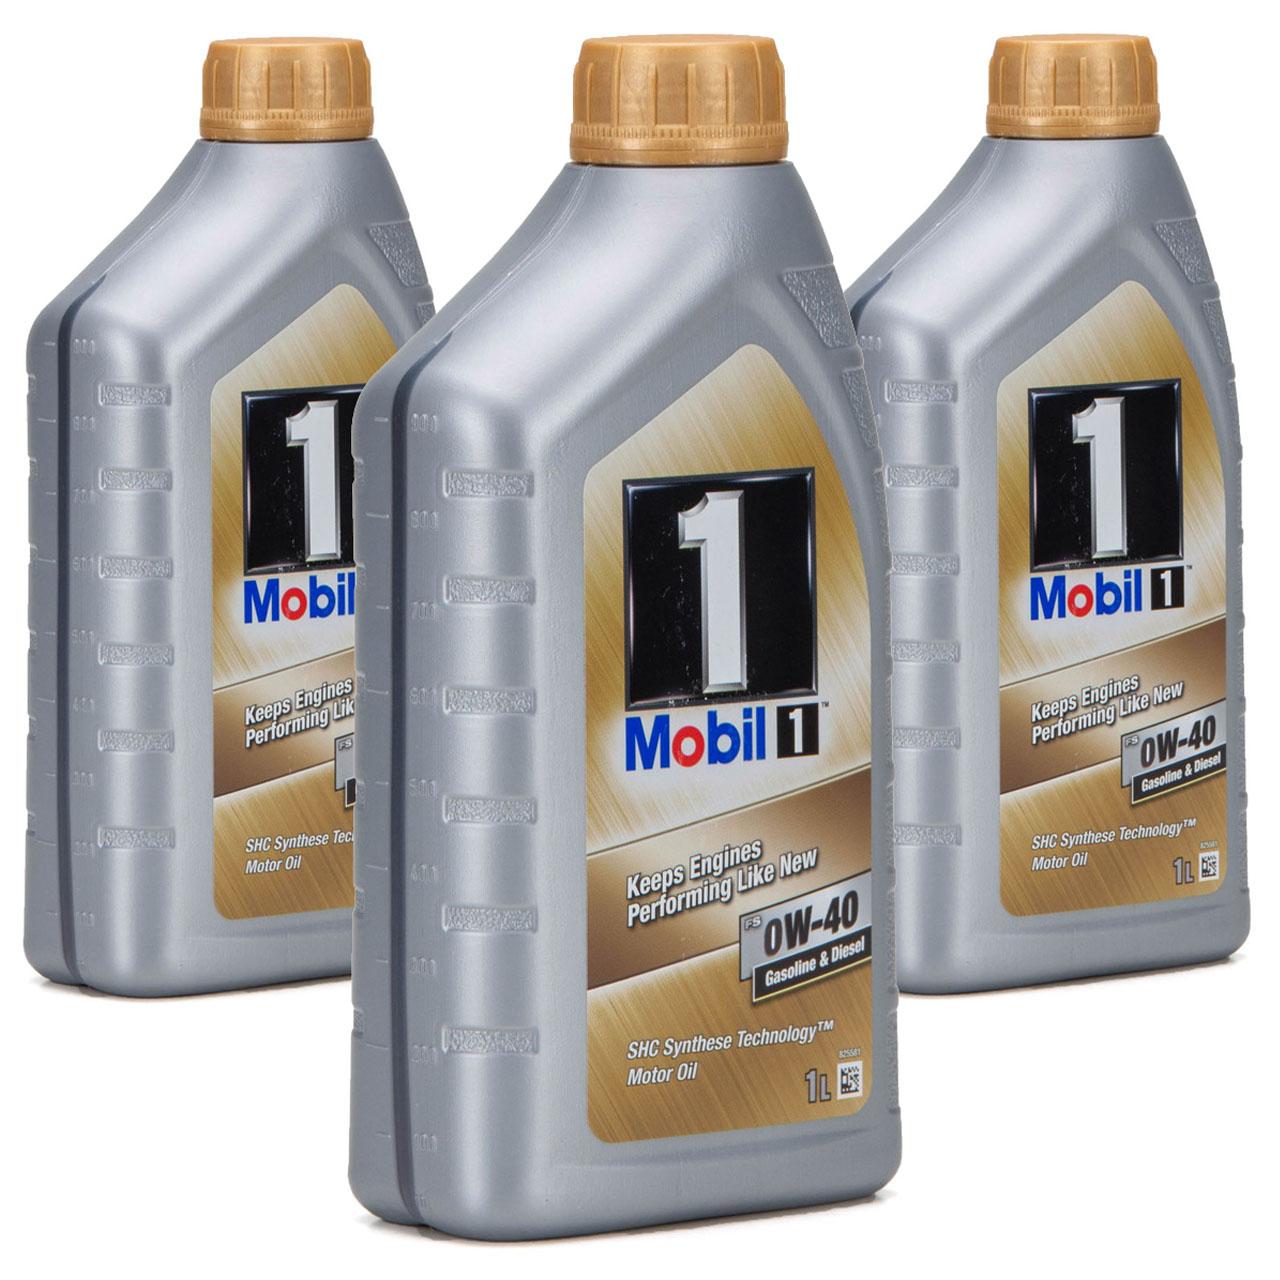 Mobil 1 FS Motoröl Öl 0W-40 0W40 MB PORSCHE A40 VW 502.00 505.00 - 3L 3 Liter